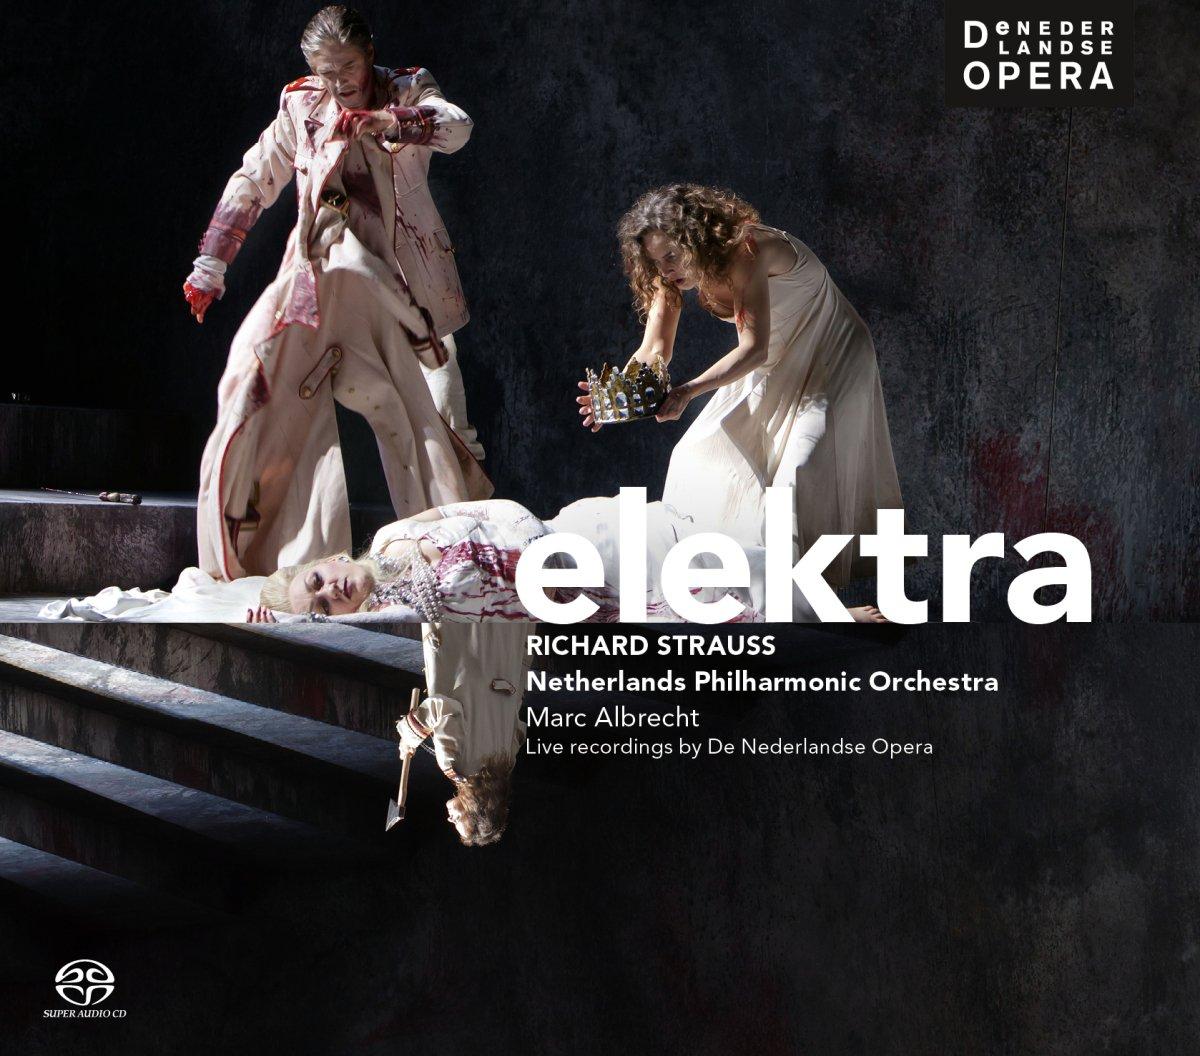 R. Strauss - ELEKTRA - Salonen / Chéreau (Aix 2013) 71-L6jrUyCL._SL1200_